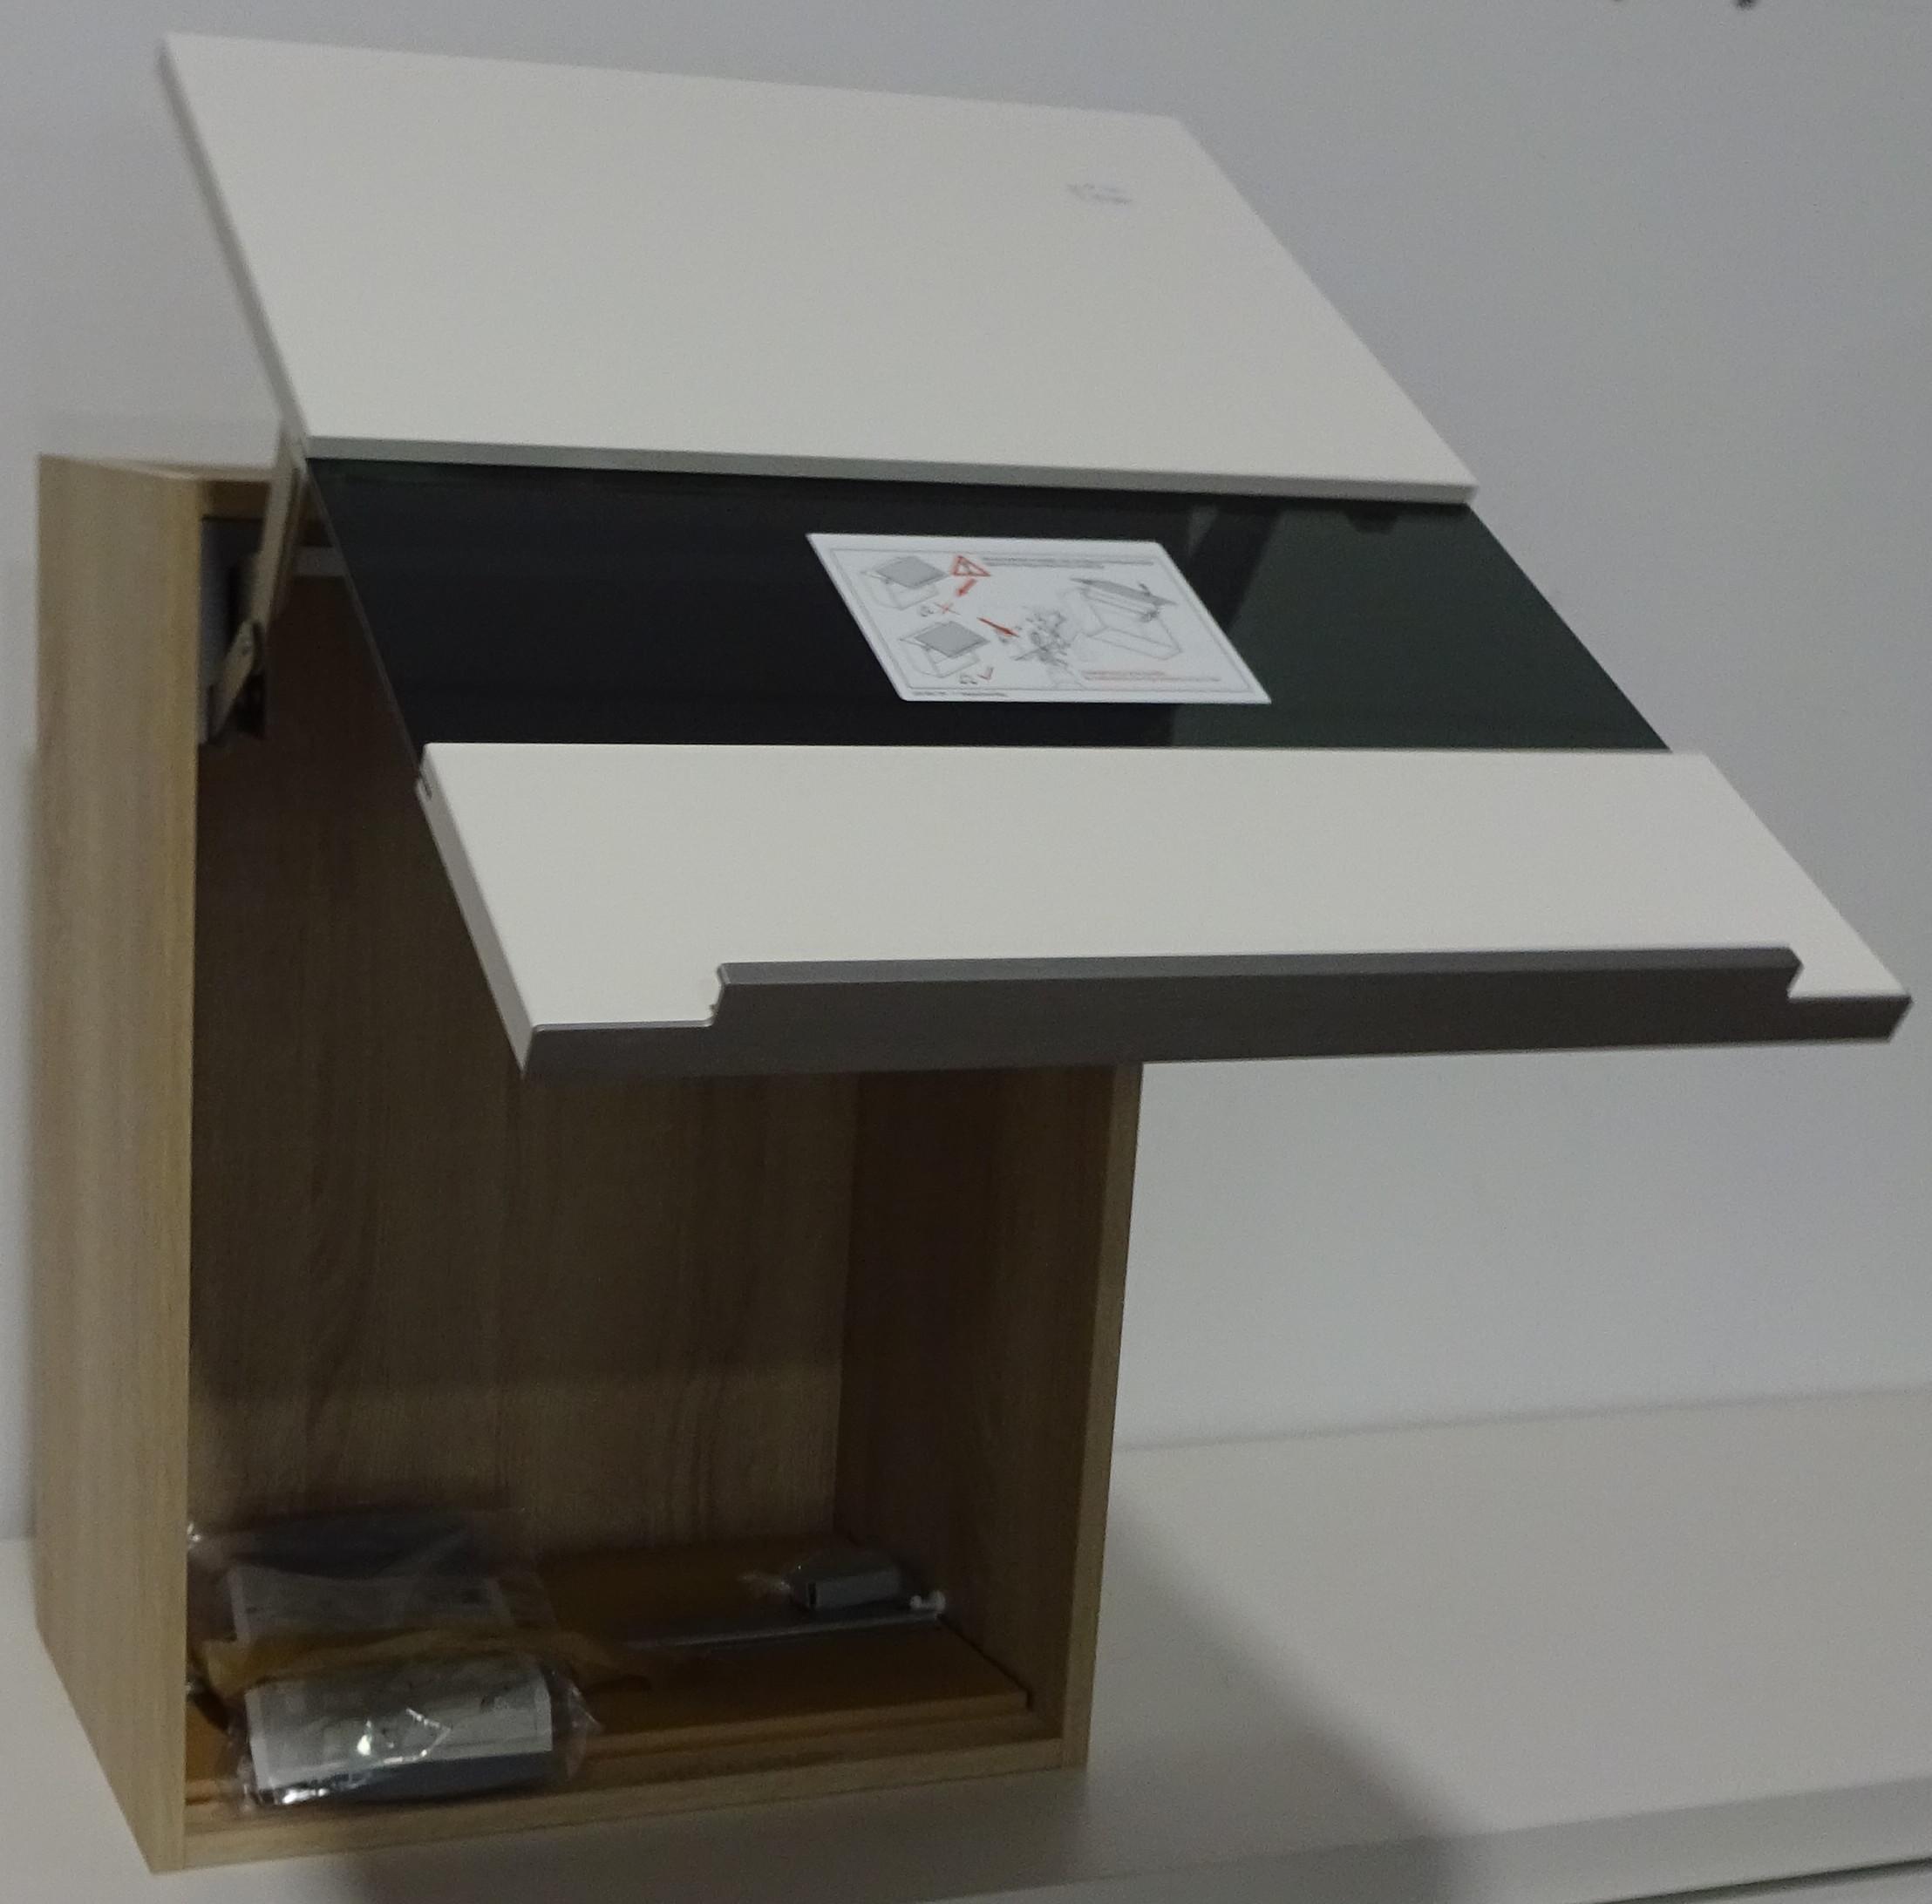 h ngeschrank wand schrank klappt r k che ausstellungsst ck in eiche virginia ebay. Black Bedroom Furniture Sets. Home Design Ideas